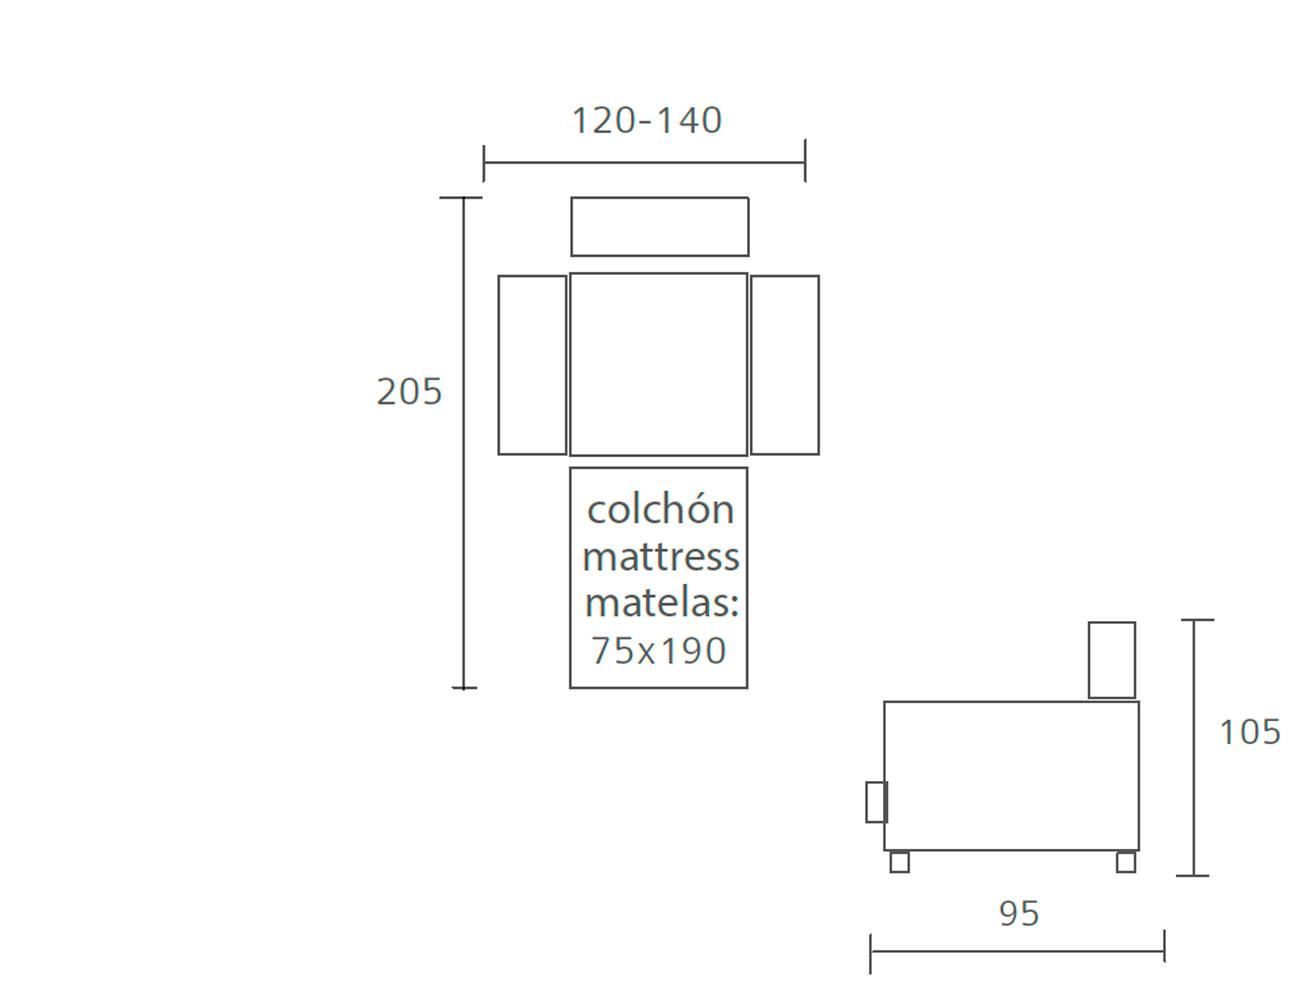 Sofa cama pedro ortiz 120 140